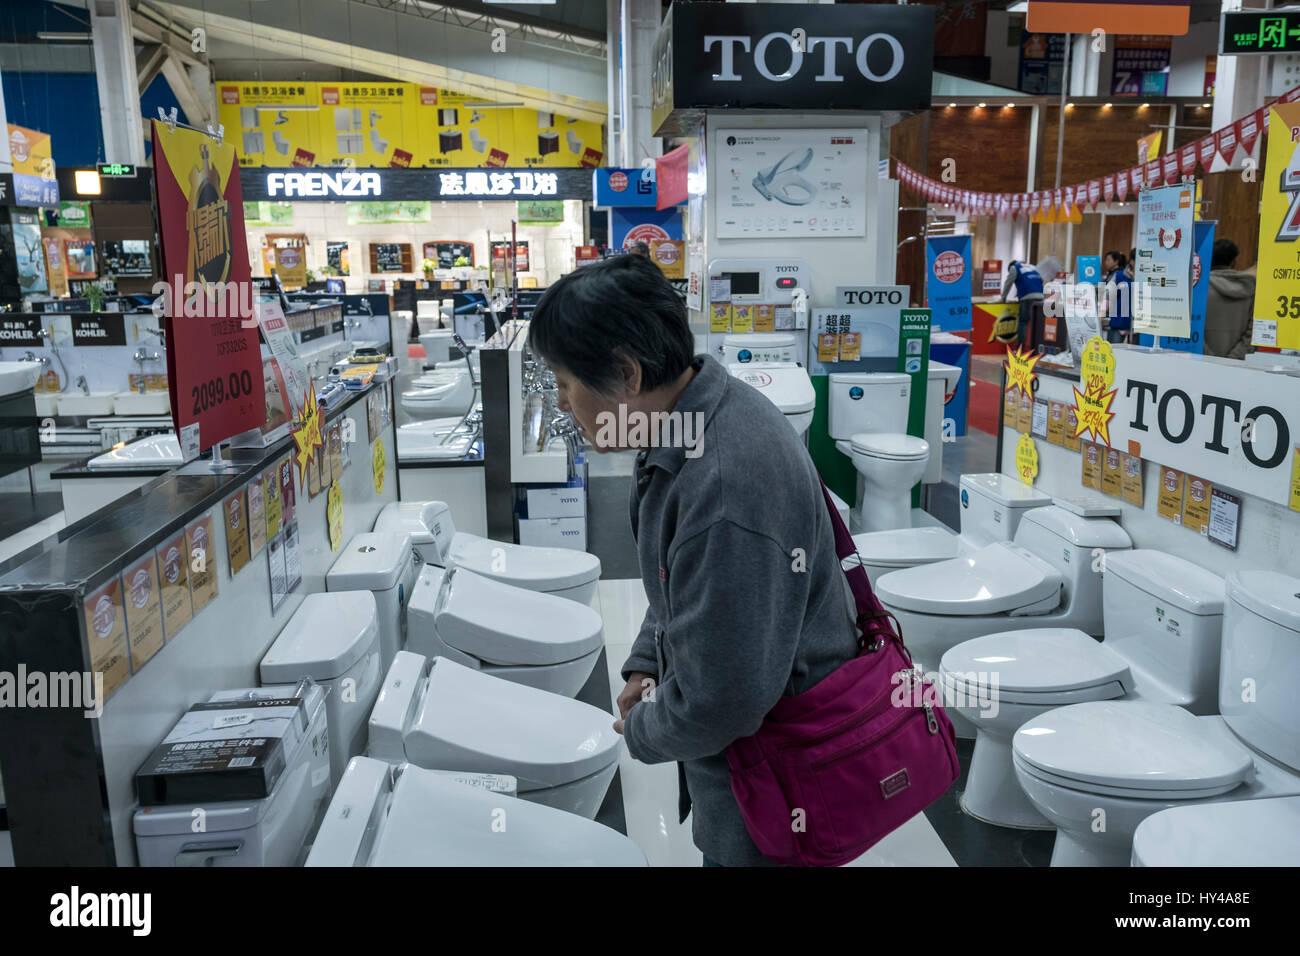 B&q Store Beijing China Stock Photos & B&q Store Beijing China Stock ...